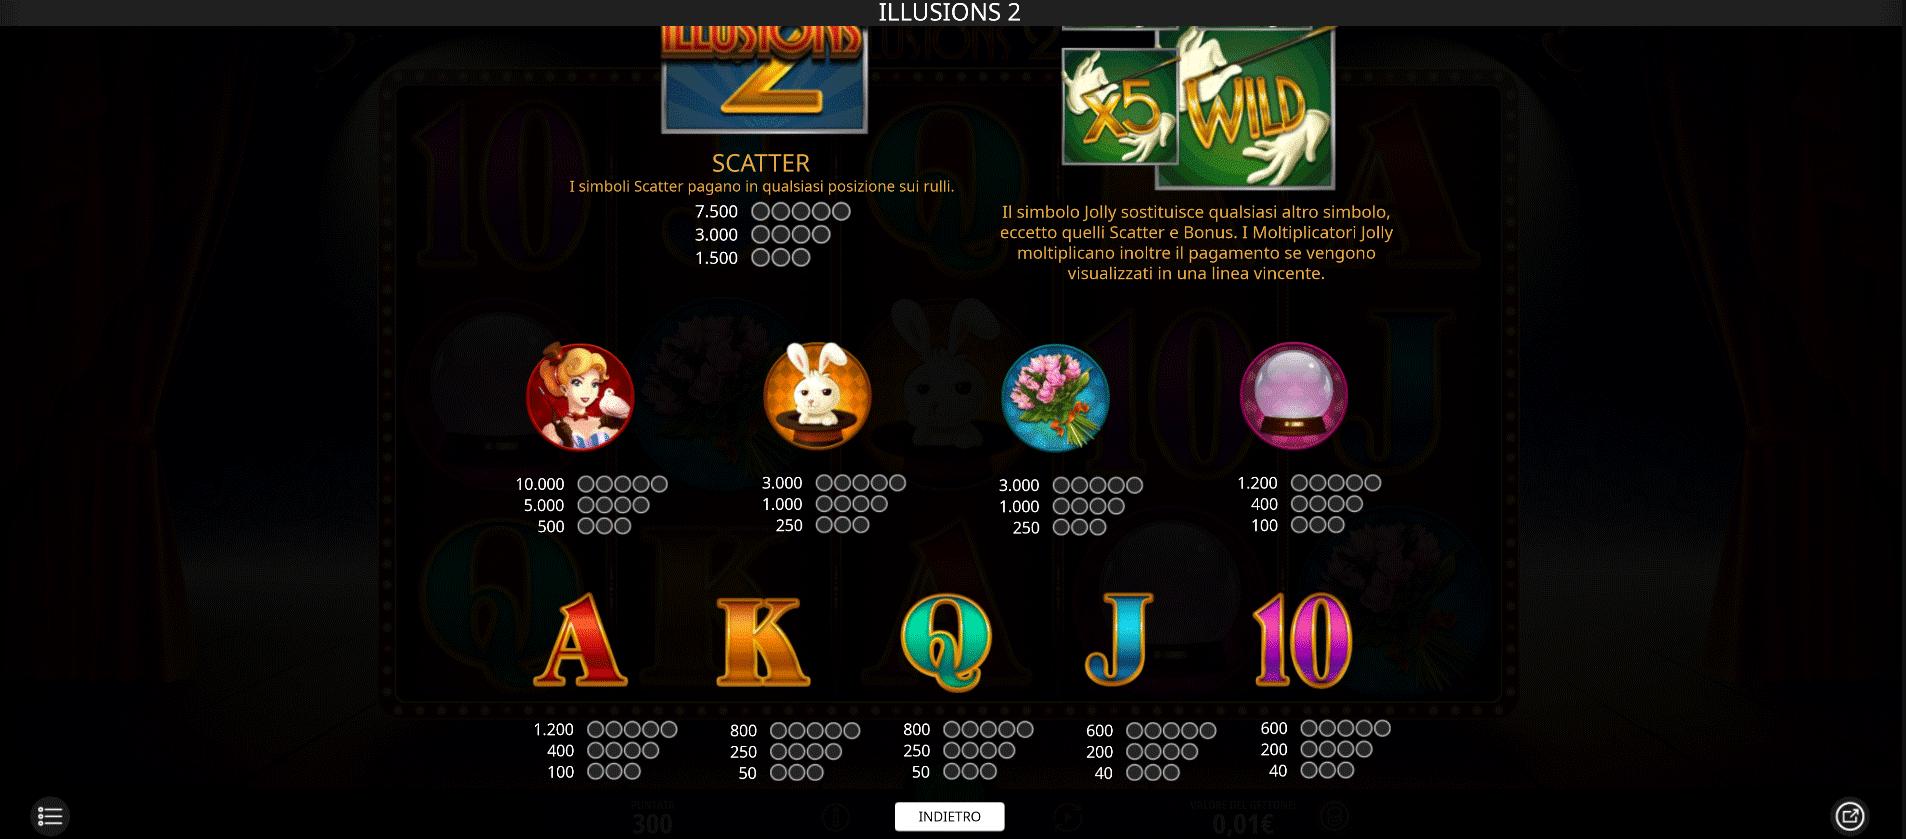 tabella dei pagamenti della slot online illusions 2